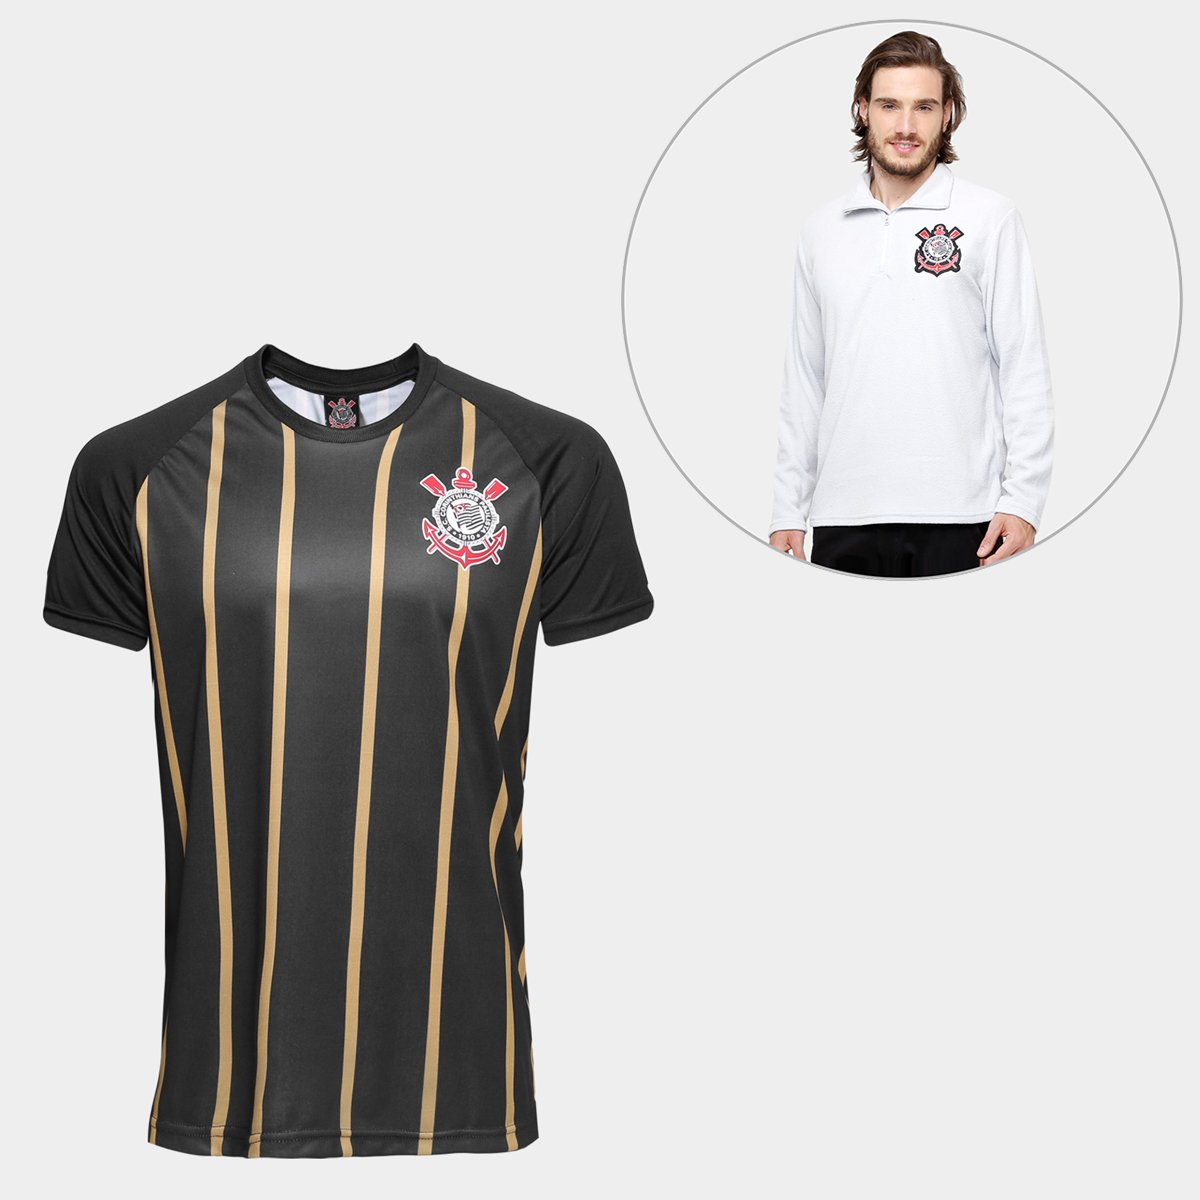 Kit Camisa Corinthians Gold nº10 - Edição Limitada + Blusão Corinthians  Polar Fleece Masculino - Preto 9647775c21fe8